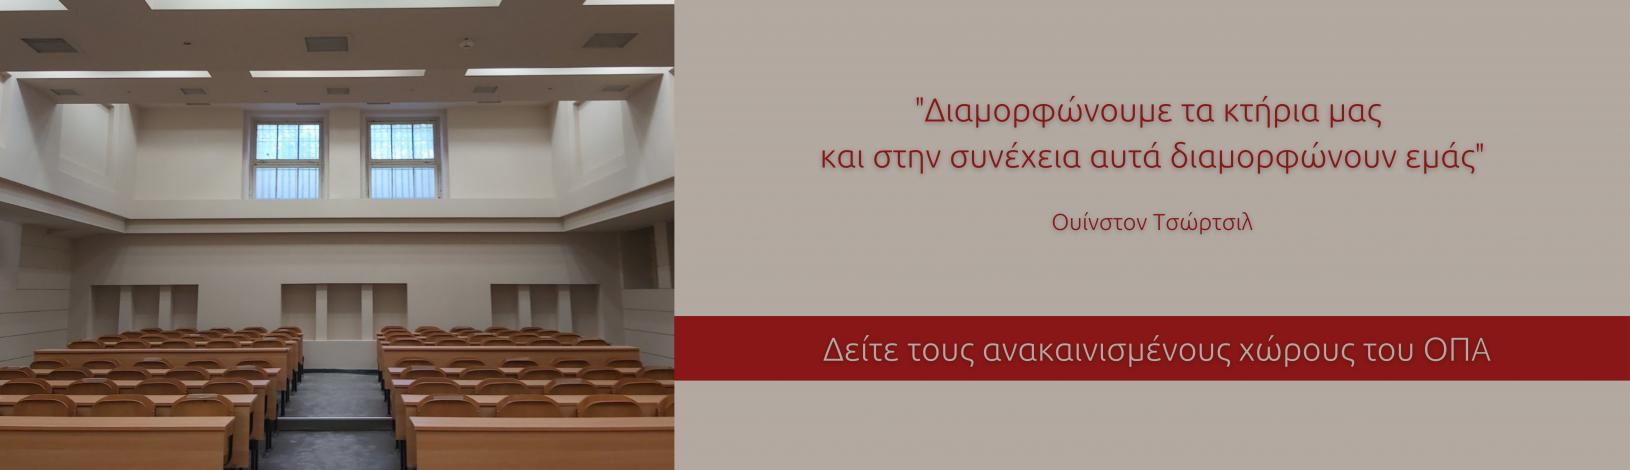 Ανακαίνιση χώρων Οικονομικού Πανεπιστημίου Αθηνών